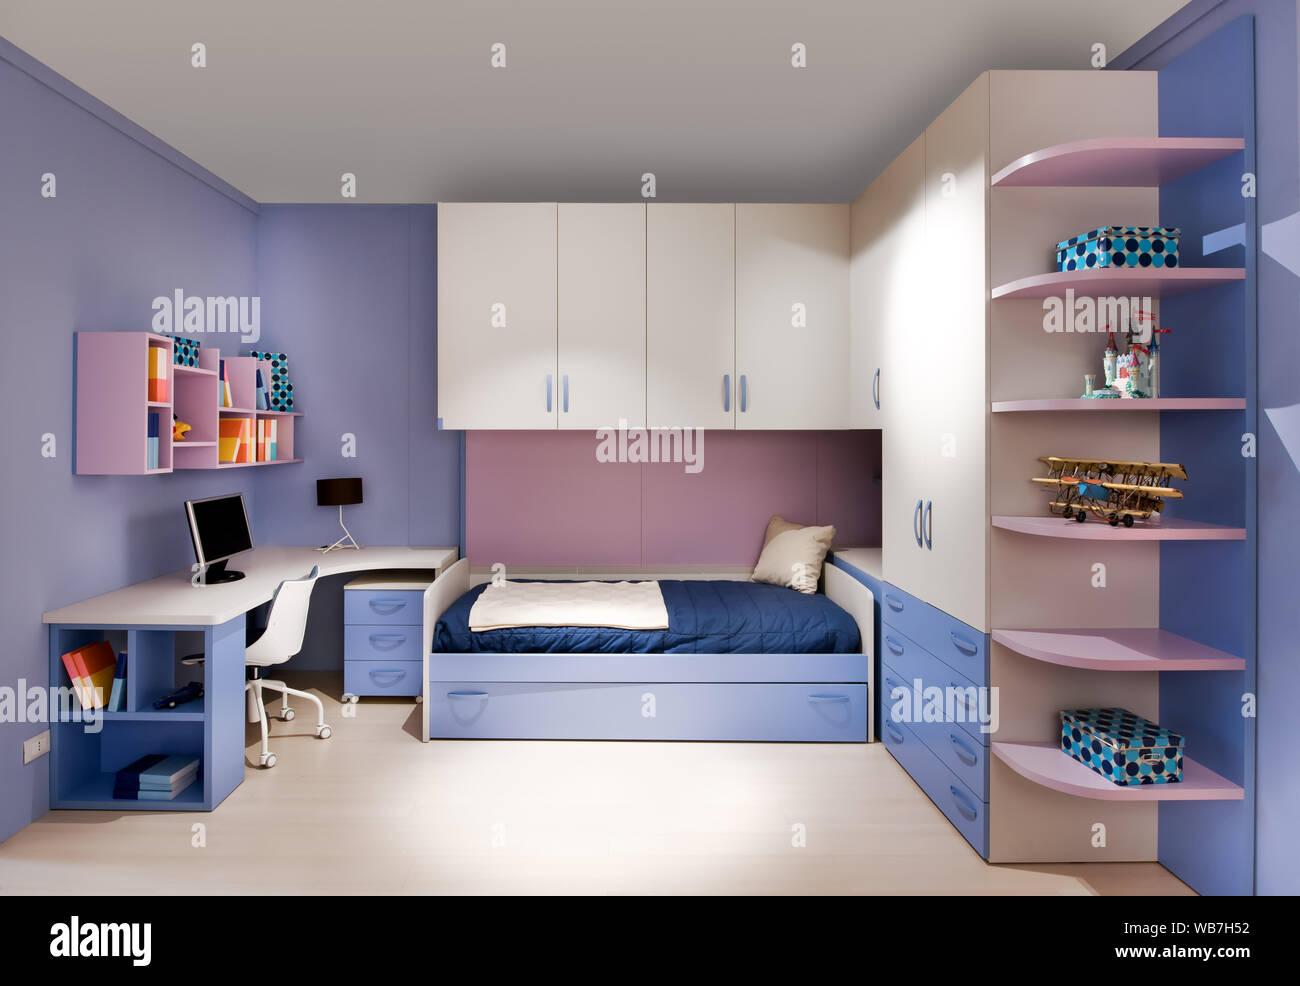 Stilvolle Blau und Violett jugendliche Interieur mit ...